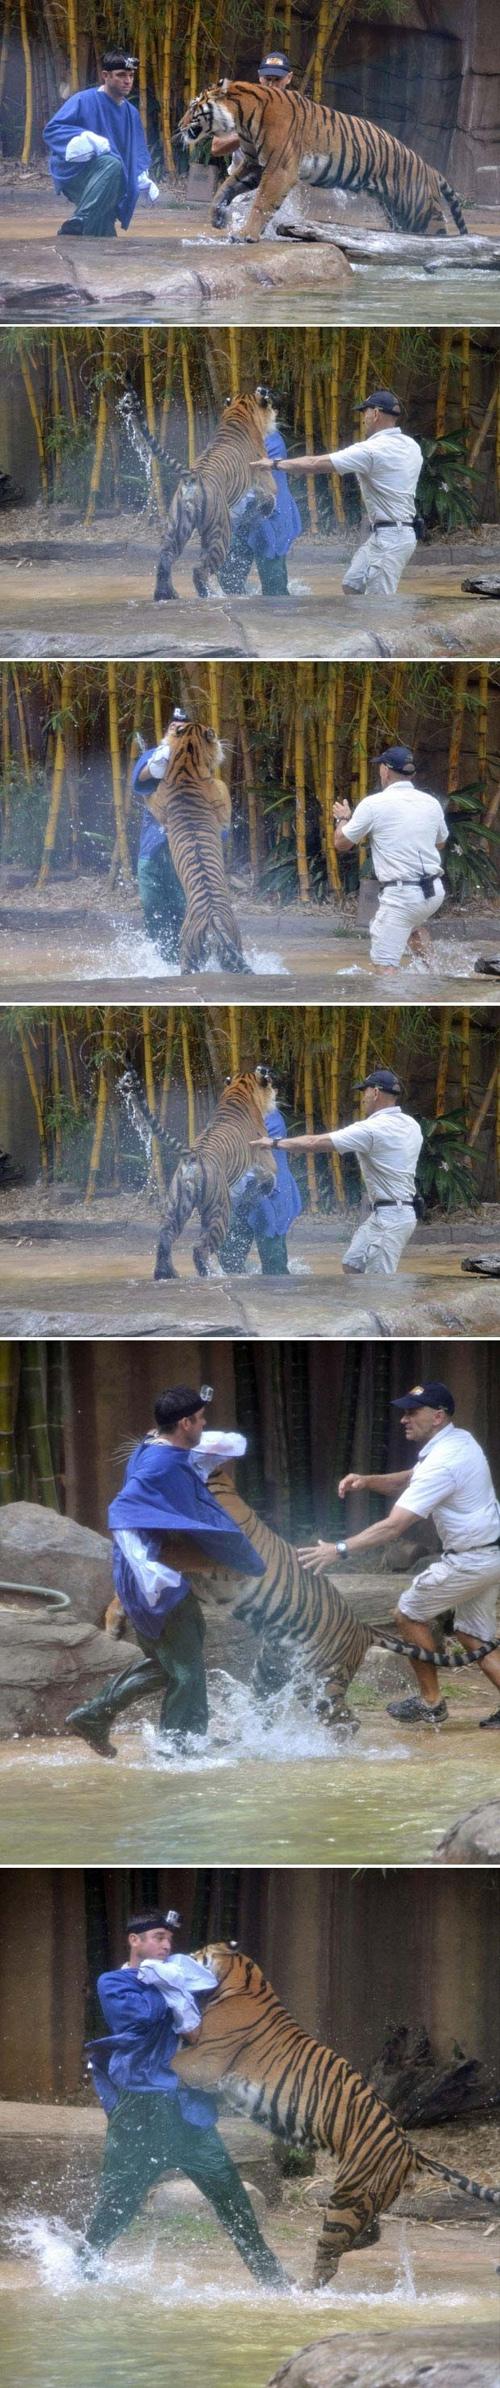 Imagens mostram ataque de tigre a tratador em zoológico na Austrália